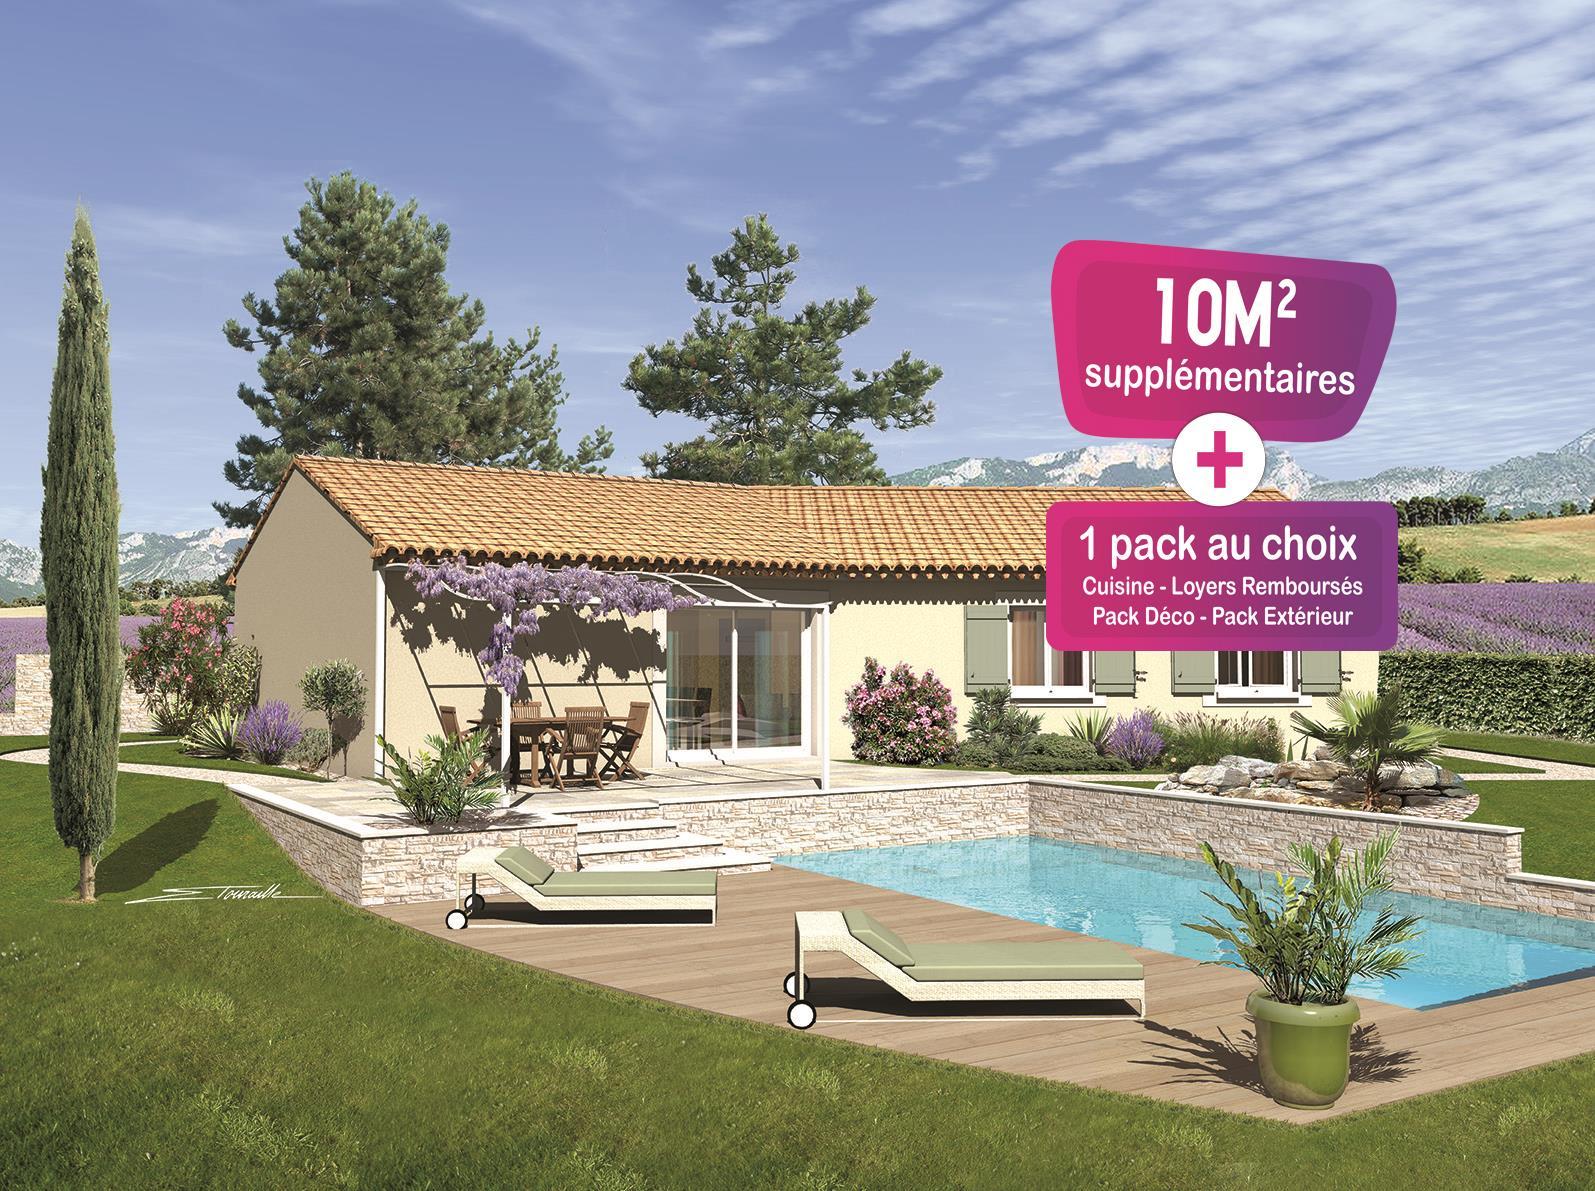 Maisons + Terrains du constructeur MAISONS PUNCH • 86 m² • SAINT JULIEN DE PEYROLAS